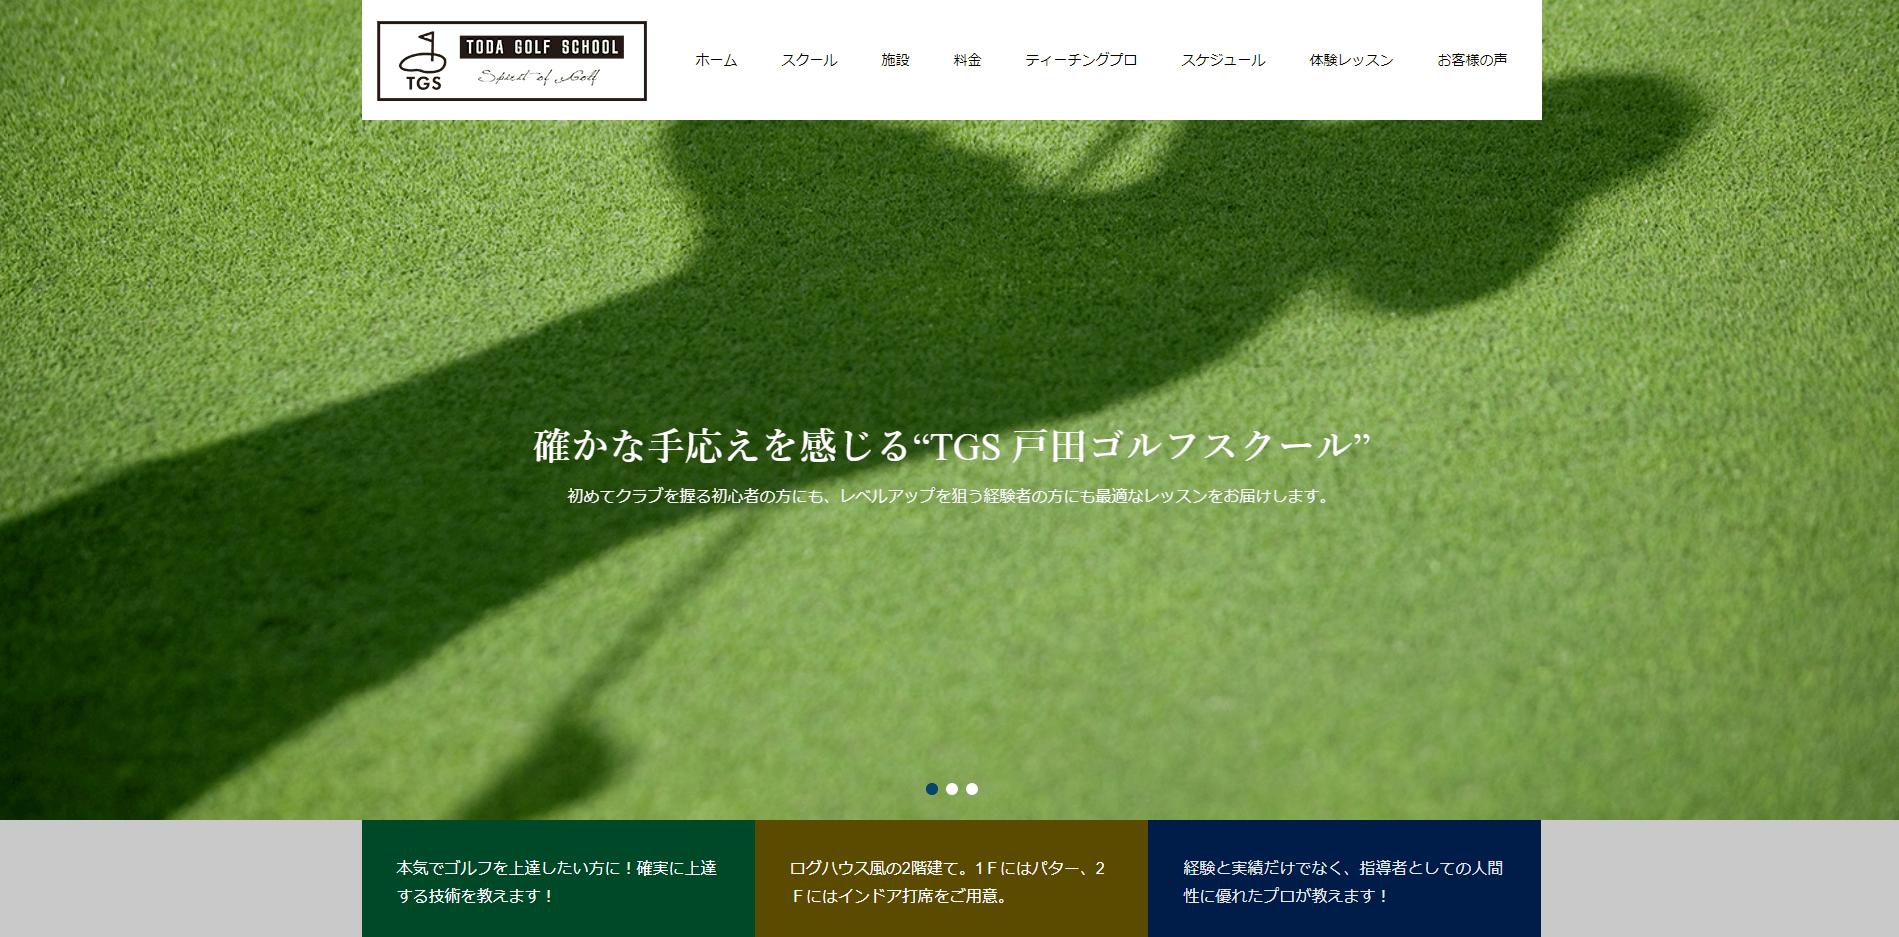 戸田ゴルフスクールの画像1